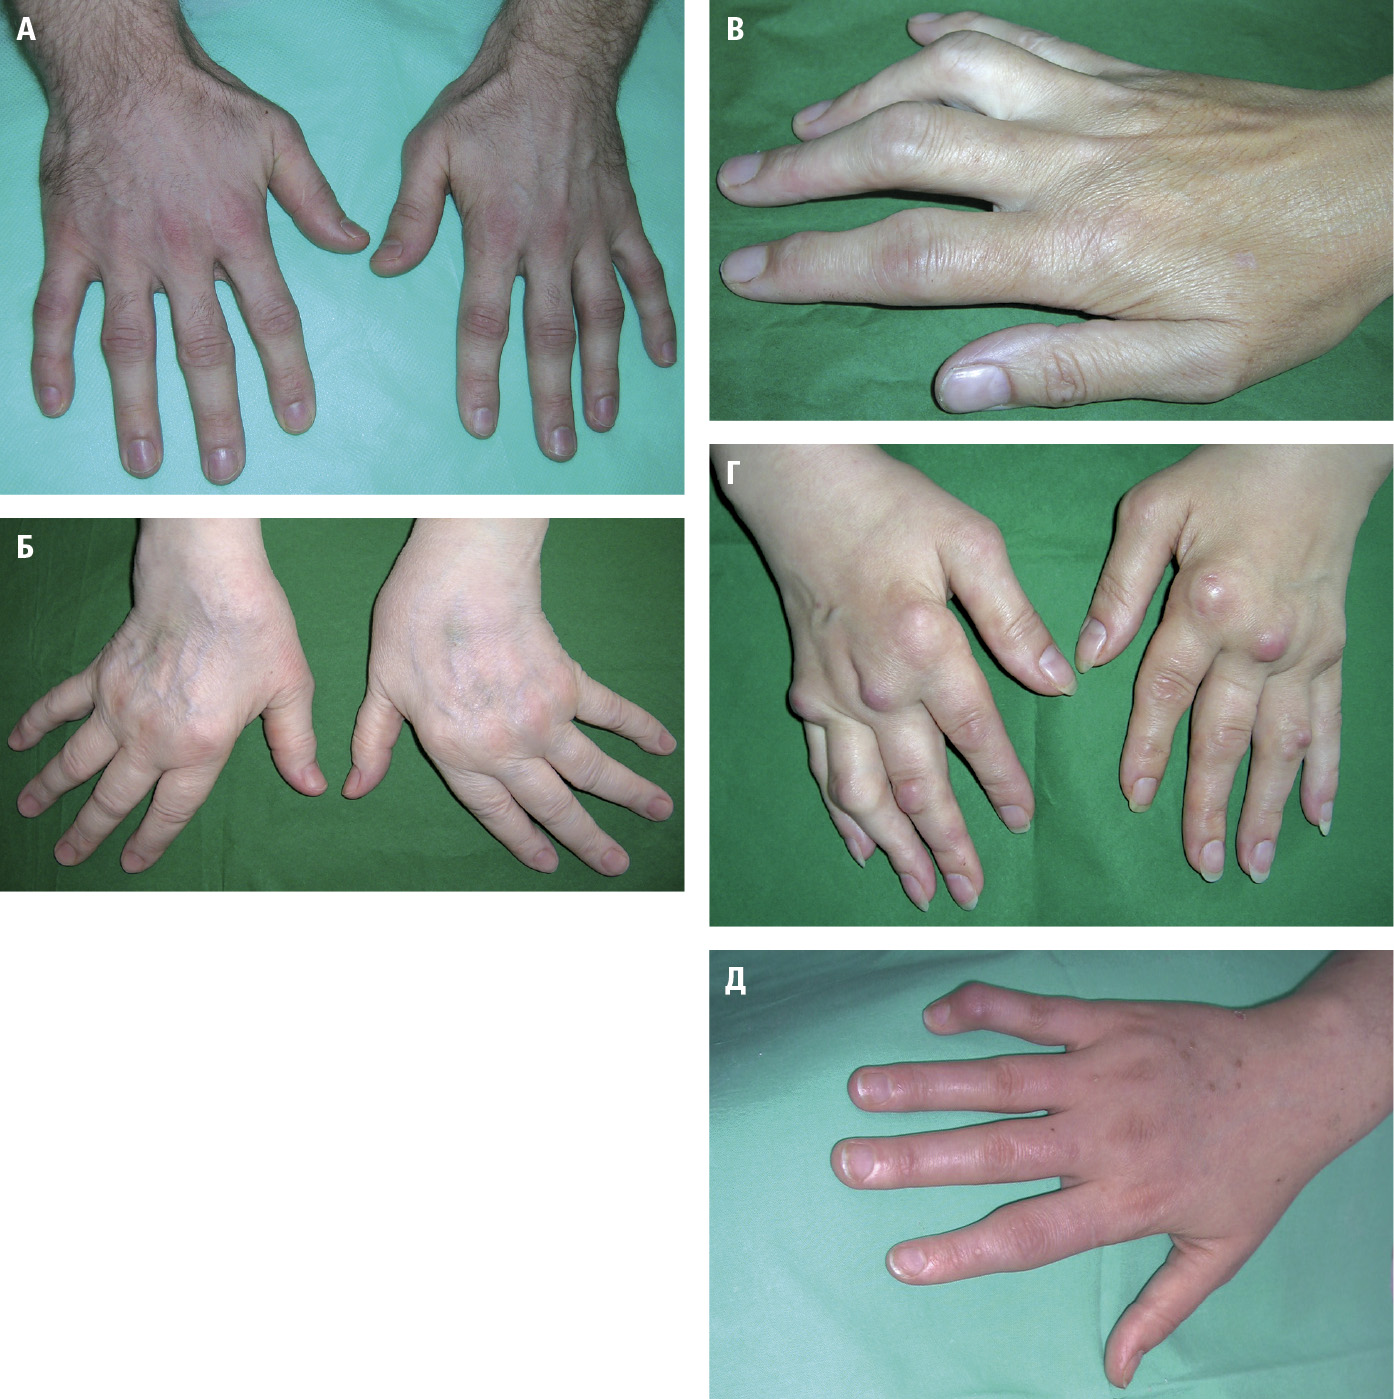 Ревматоїдний артрит. А – ранні зміни – симетричний набряк п'ястно-фалангових iпроксимальних міжфалангових суглобів.Б – ульнарна девіація пальців рук іпідвивих п'ястно‑фалангових суглобів.В – верет